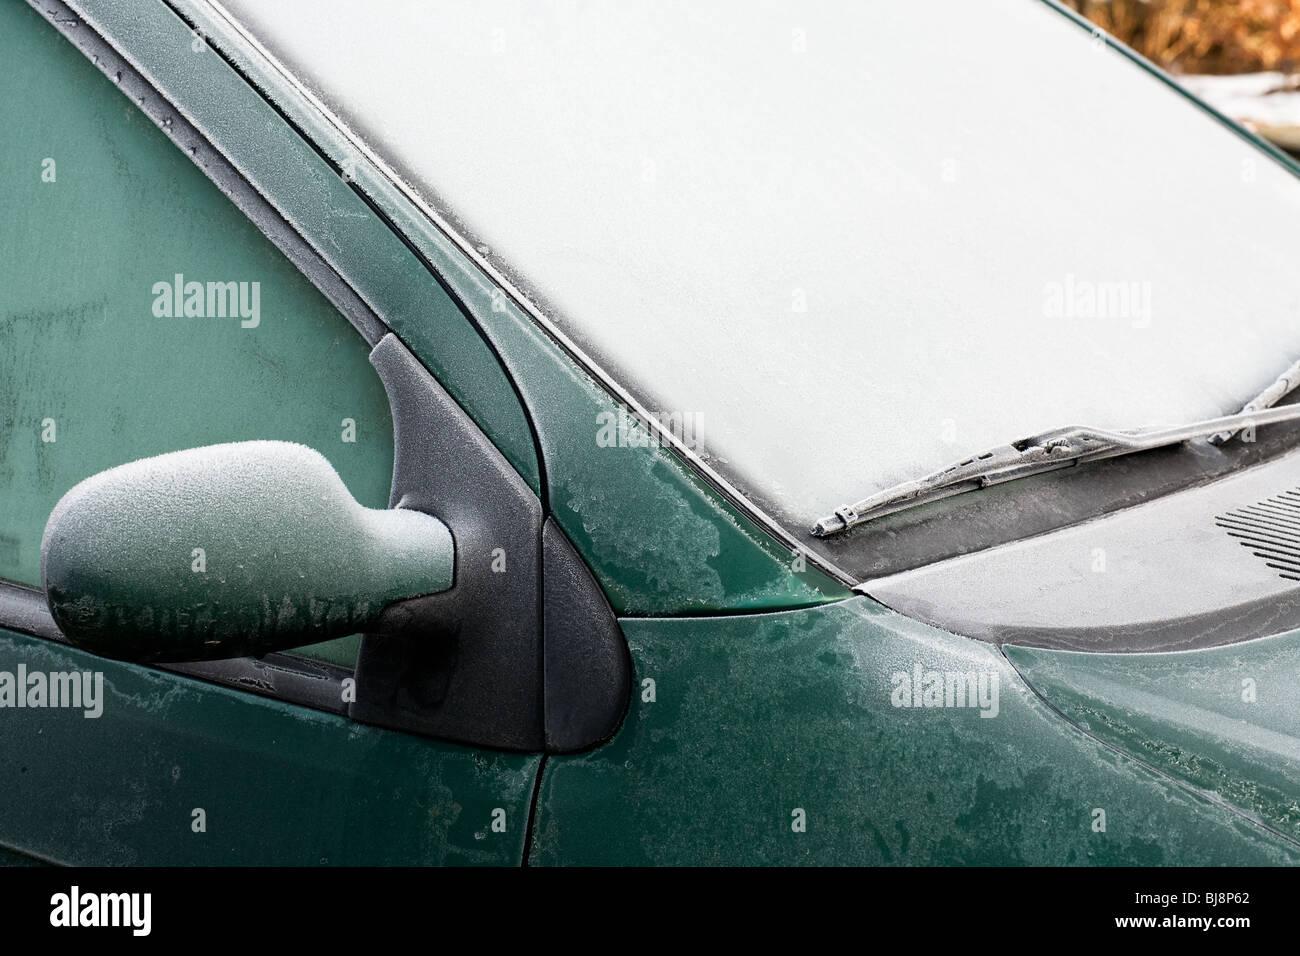 La escarcha y el hielo en un coche, ventana y espejo Imagen De Stock